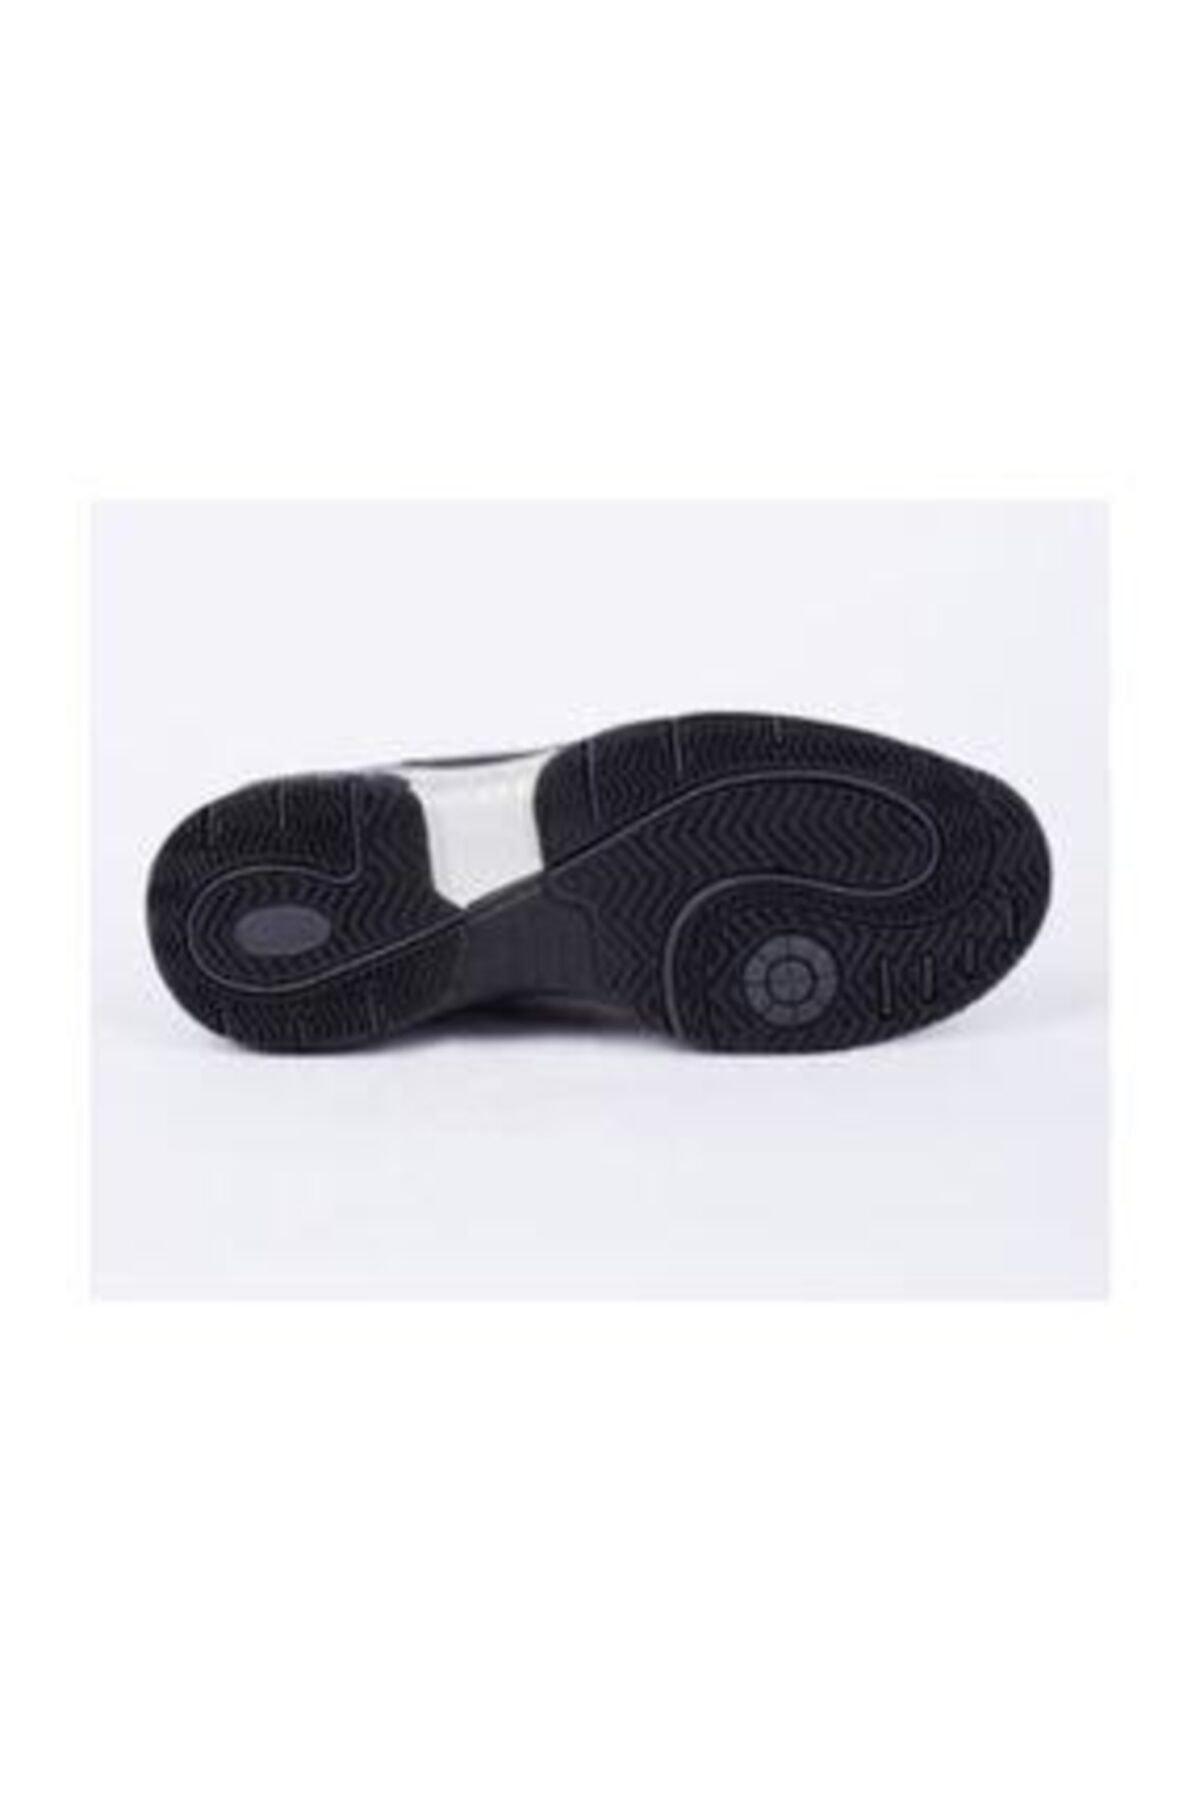 Lescon Kadın Siyah Tenıs Ayakkabısı L-6111 1